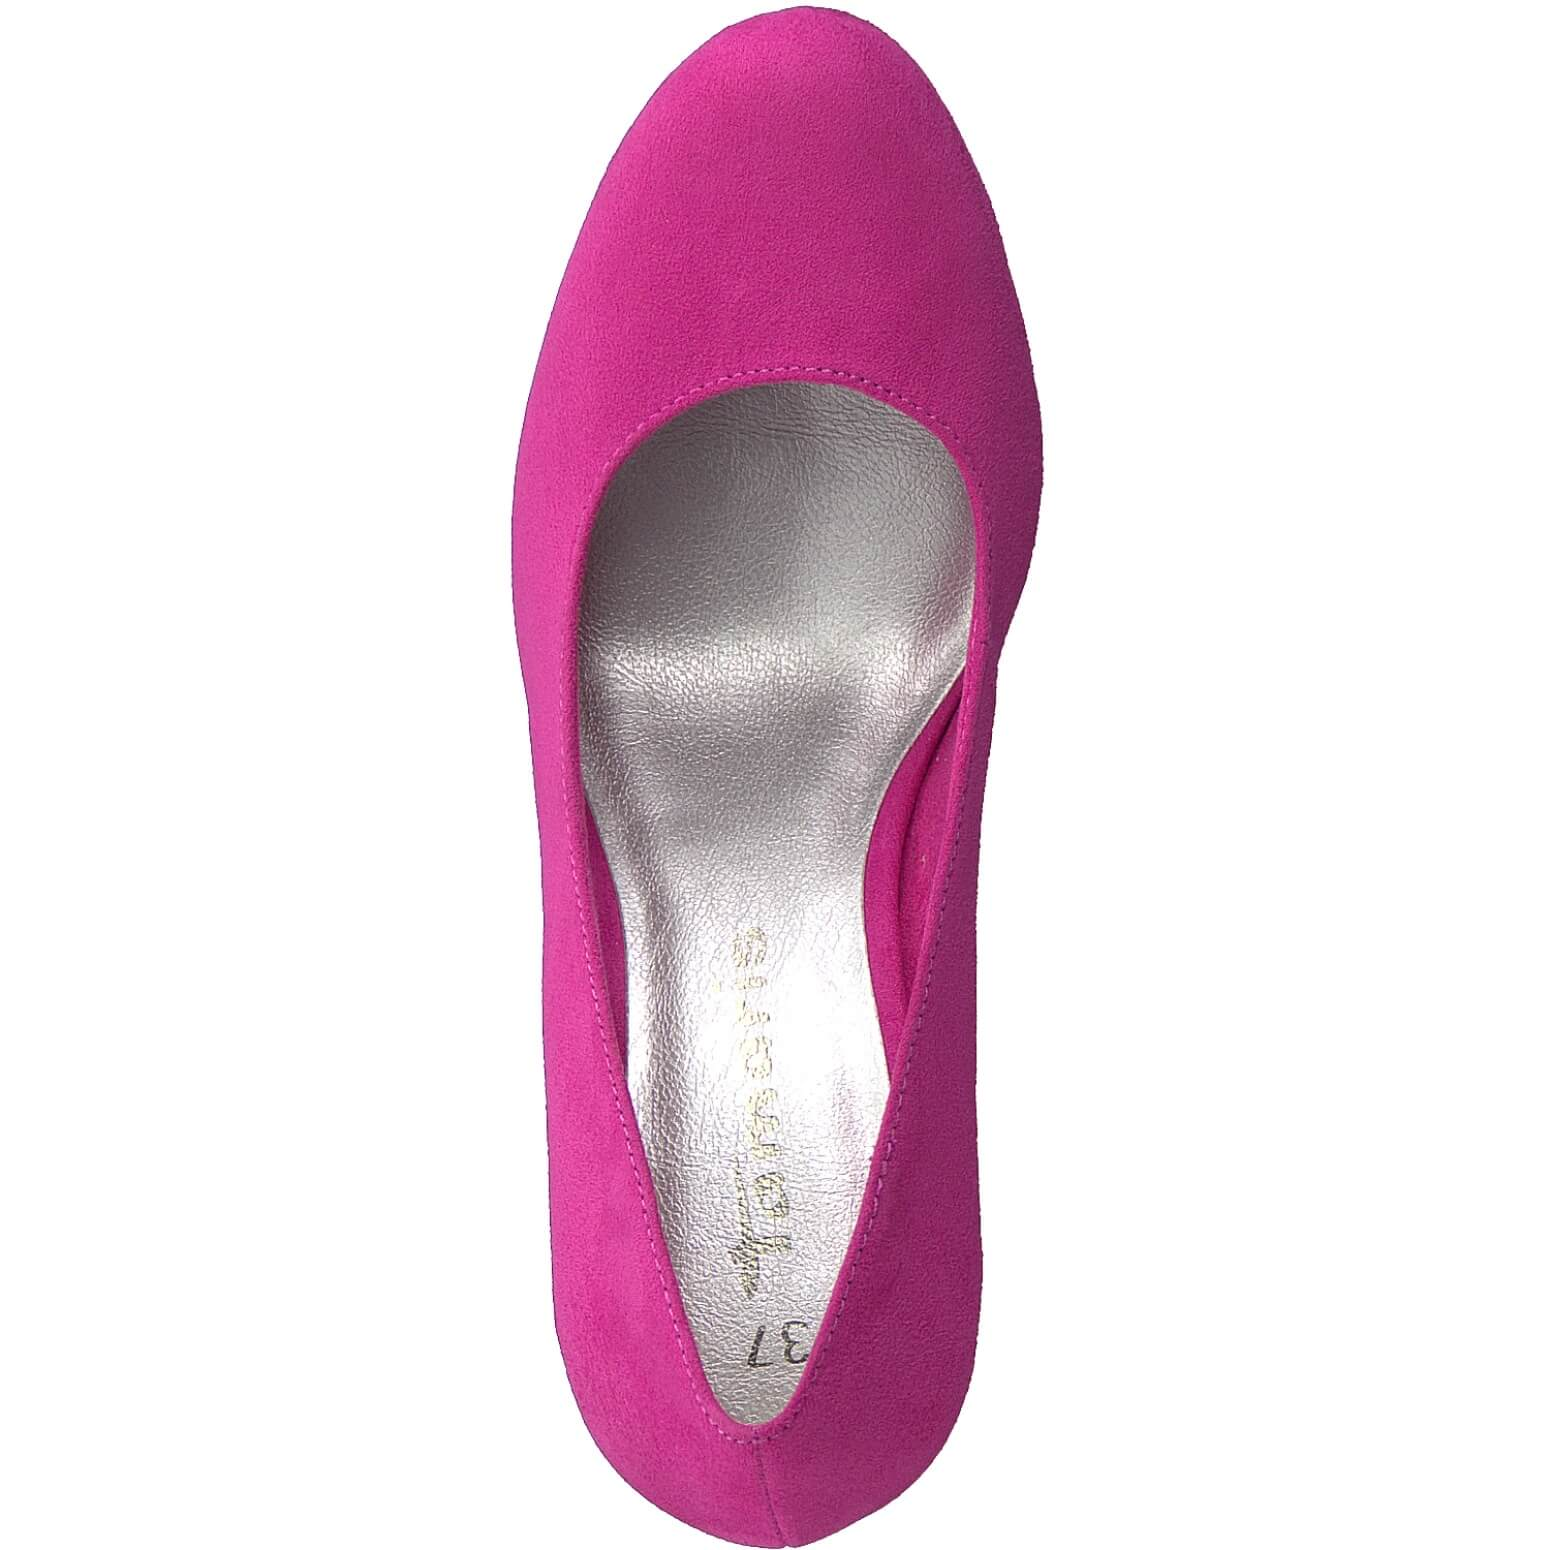 Tamaris Női alkalmi cipő 1-1-22407-22-513 Fuxia Ingyenes SZÁLLÍTÁS ... f1319063b3